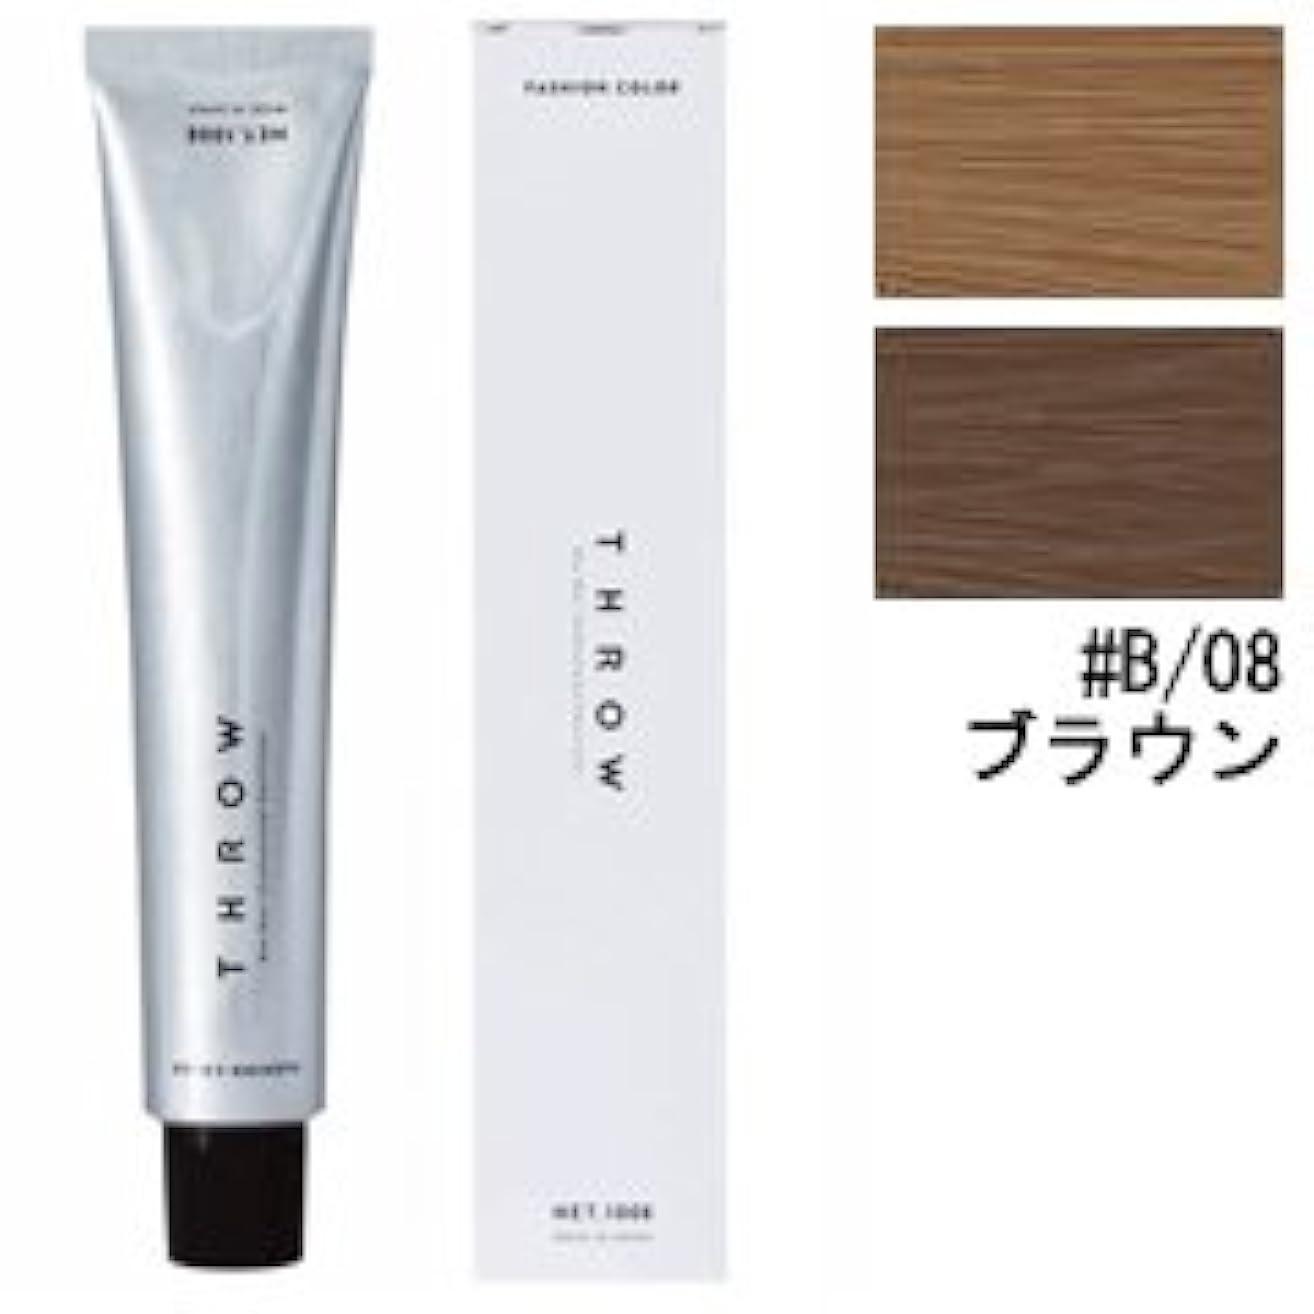 プロフェッショナル意図的ローズ【モルトベーネ】スロウ ファッションカラー #B/08 ブラウン 100g